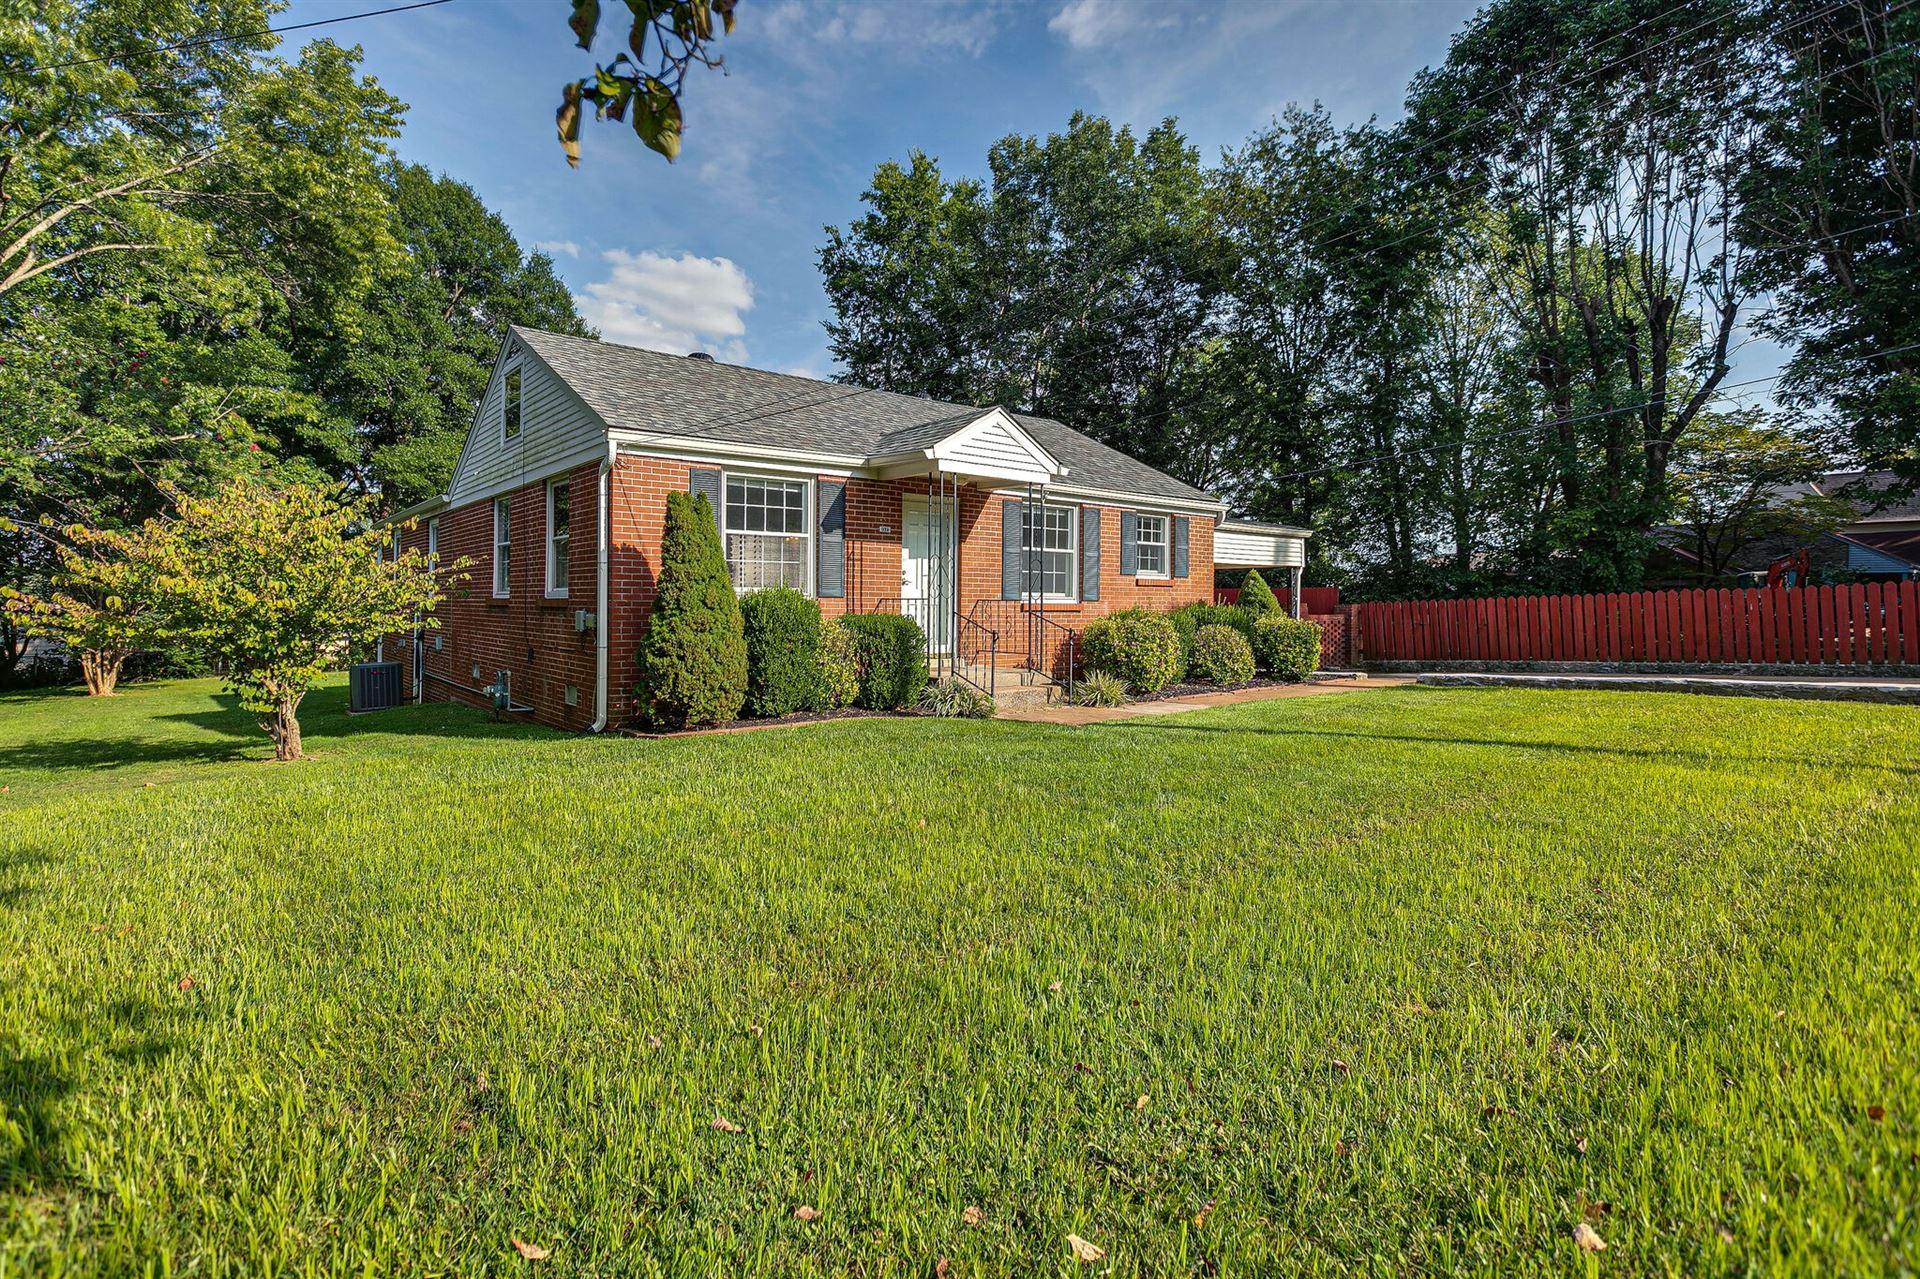 1335 Adams St, Franklin, TN 37064 - MLS#: 2288247